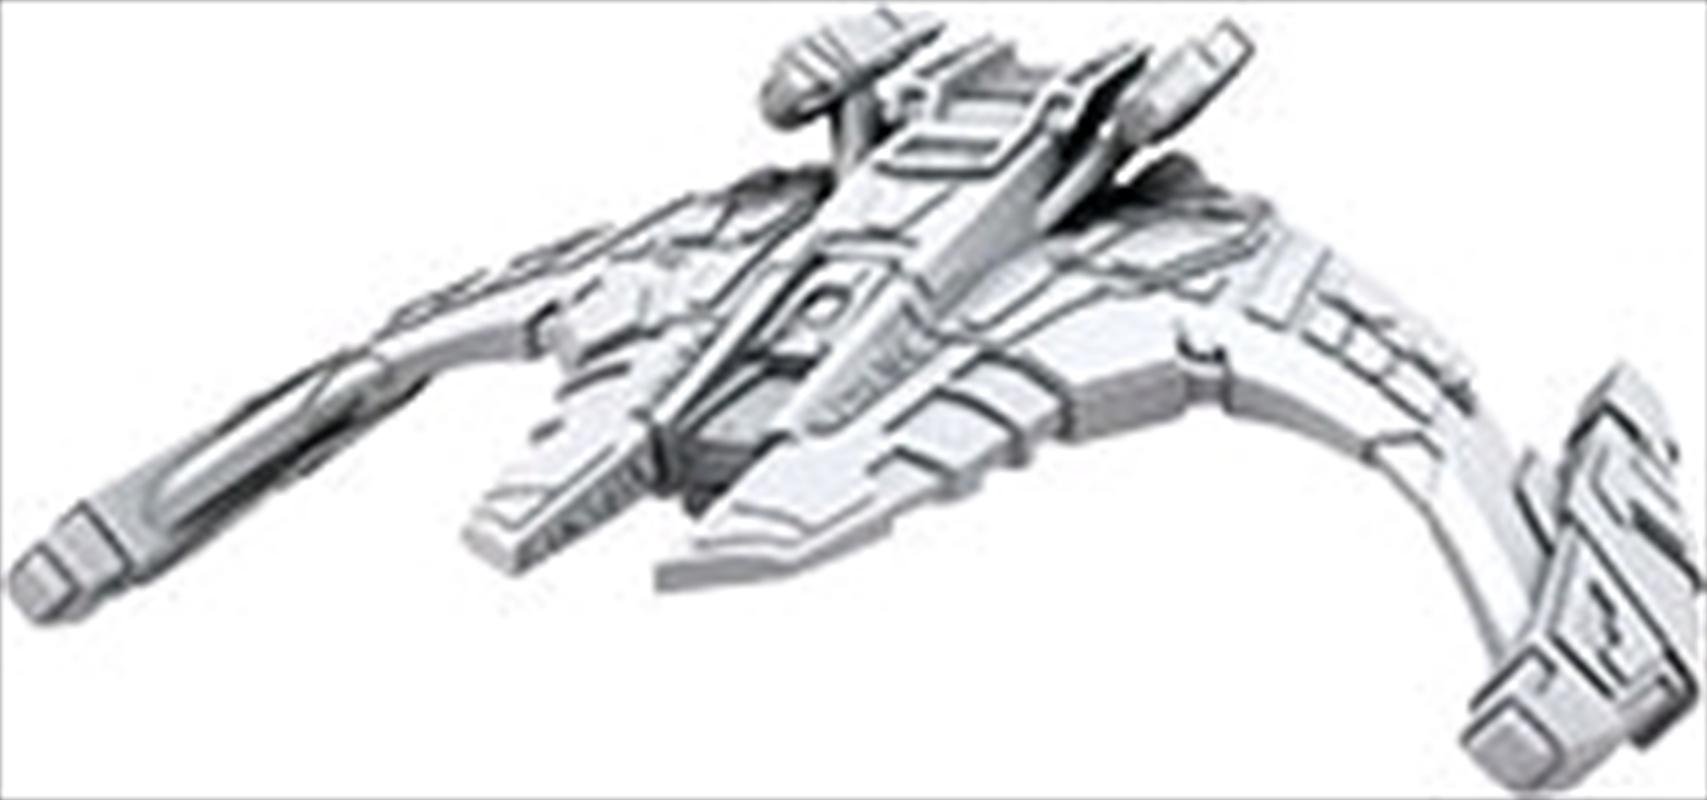 Star Trek - Unpainted Ships: Jem'Hadar Battle Cruiser | Merchandise